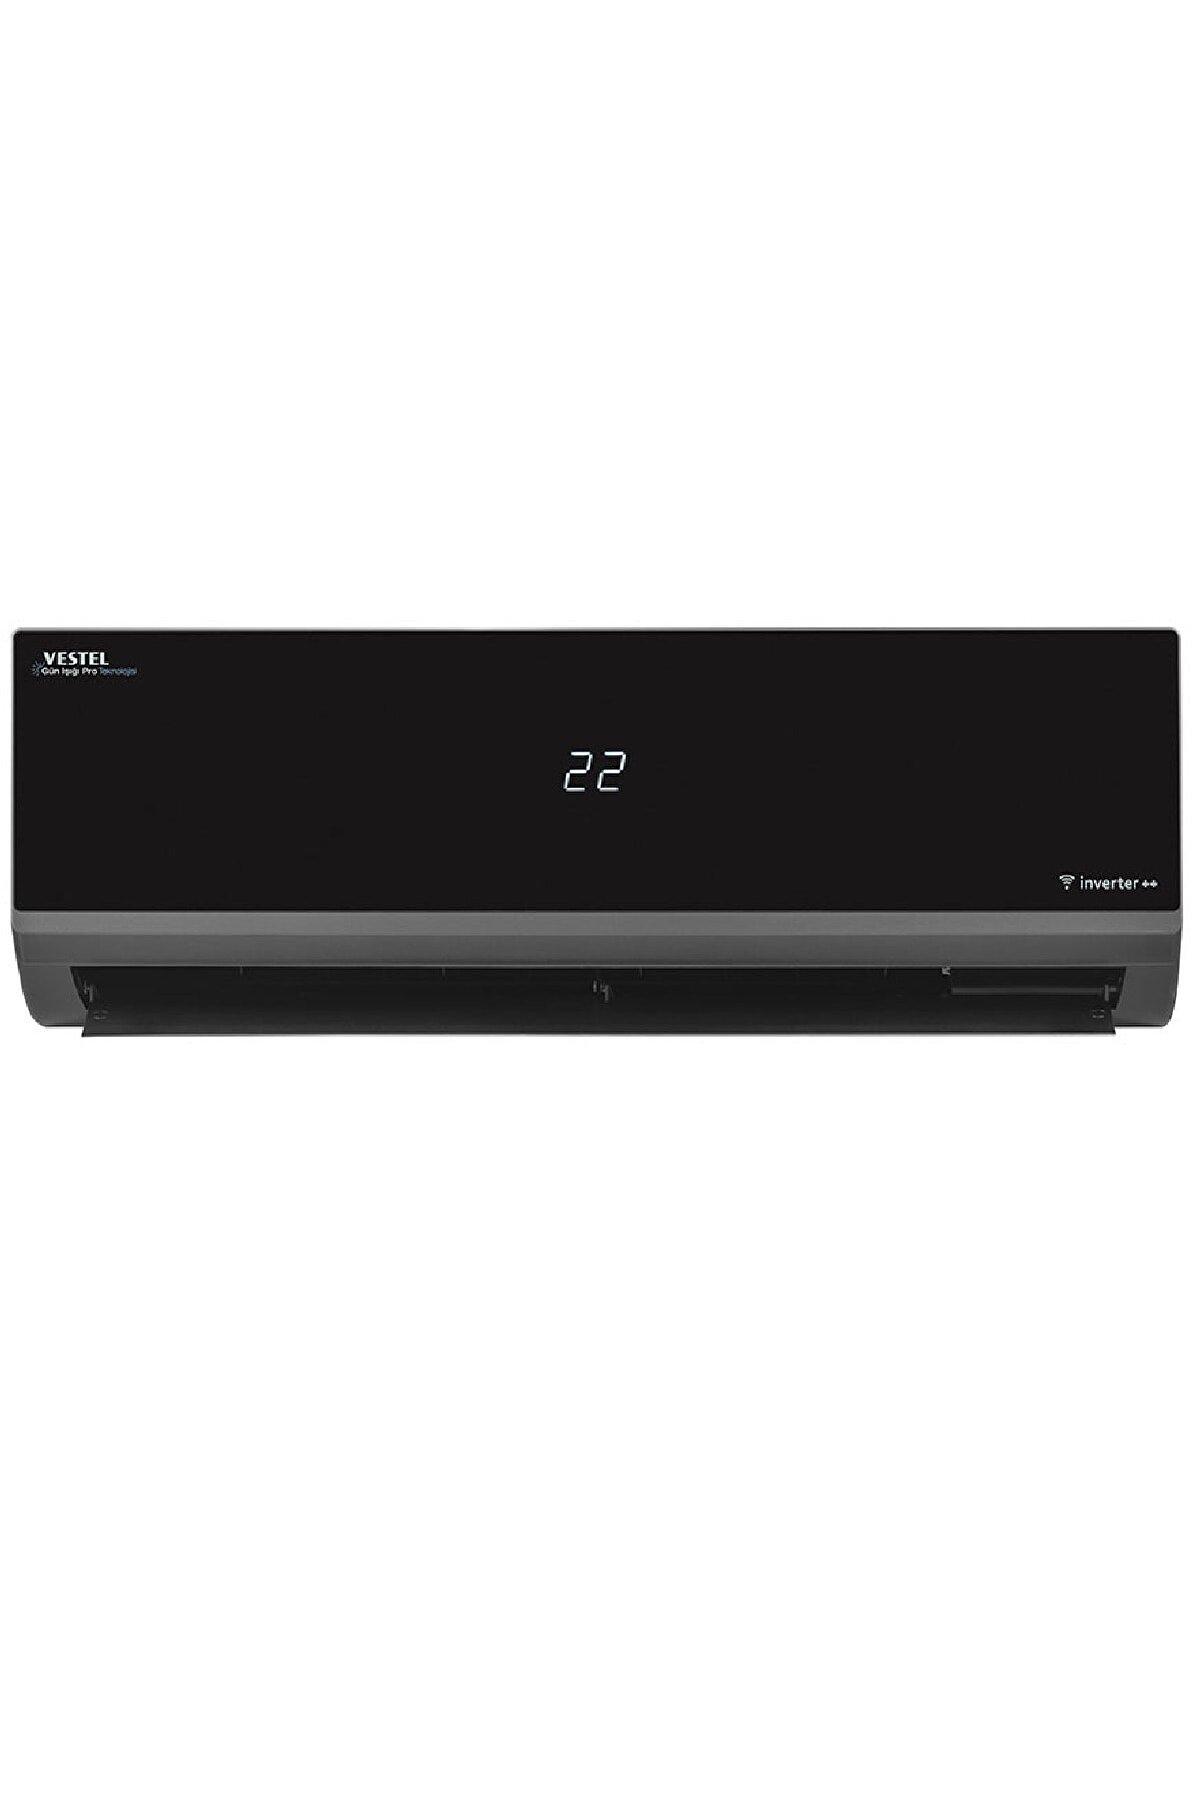 VESTEL Nova 122 Gı Pro A++ 12000 Btu Wıfı Inverter Duvar Tipi Klima